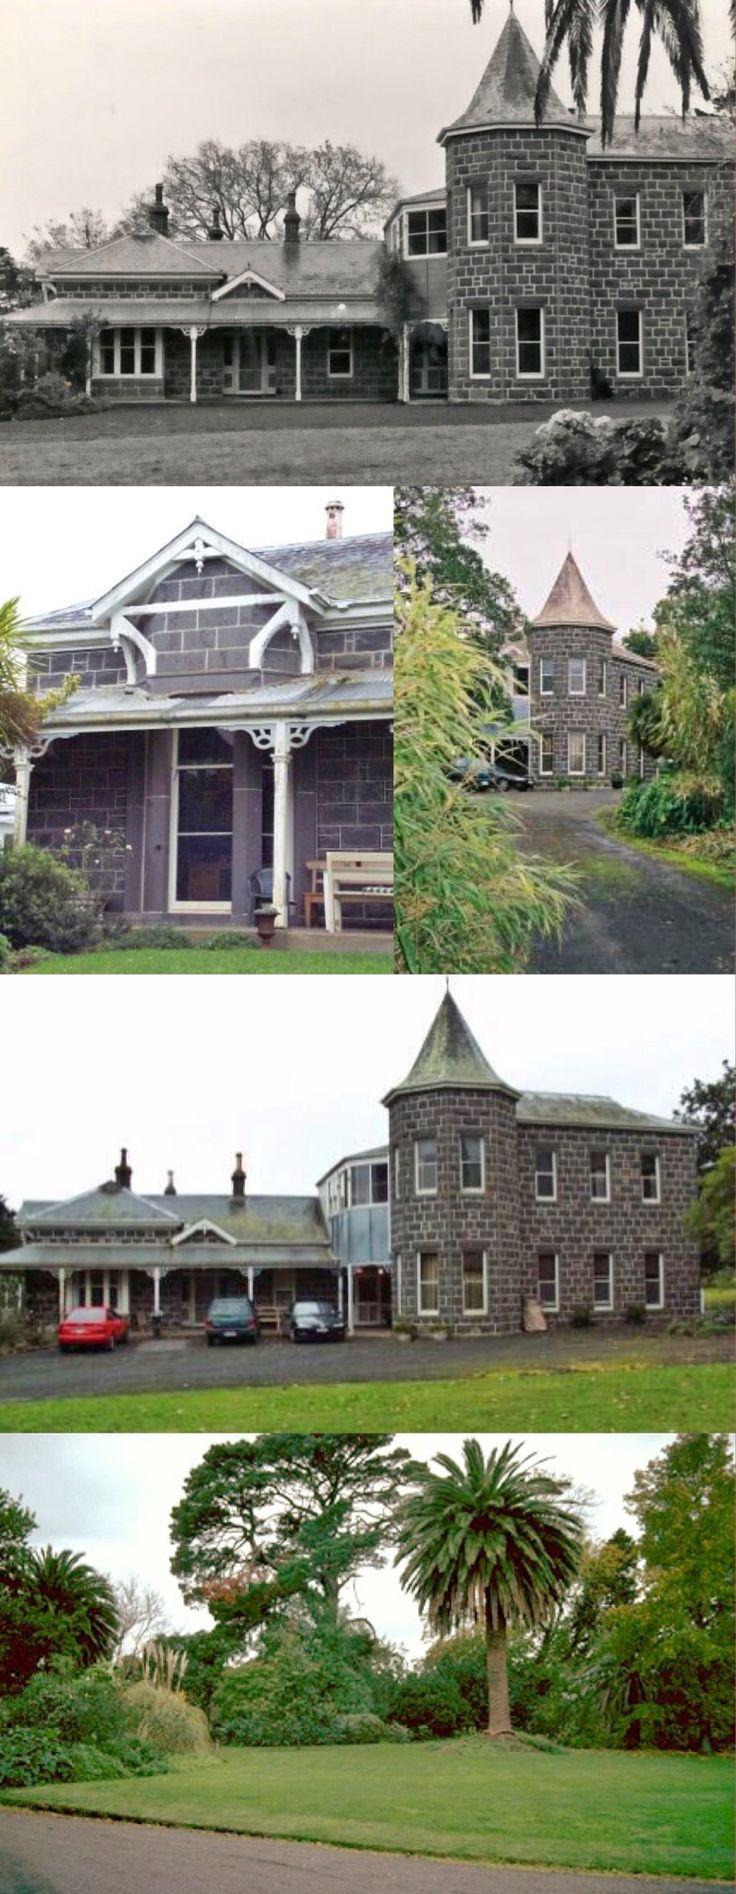 Mooleric homestead birregurra 134km sw of melbourne built in 1871 was